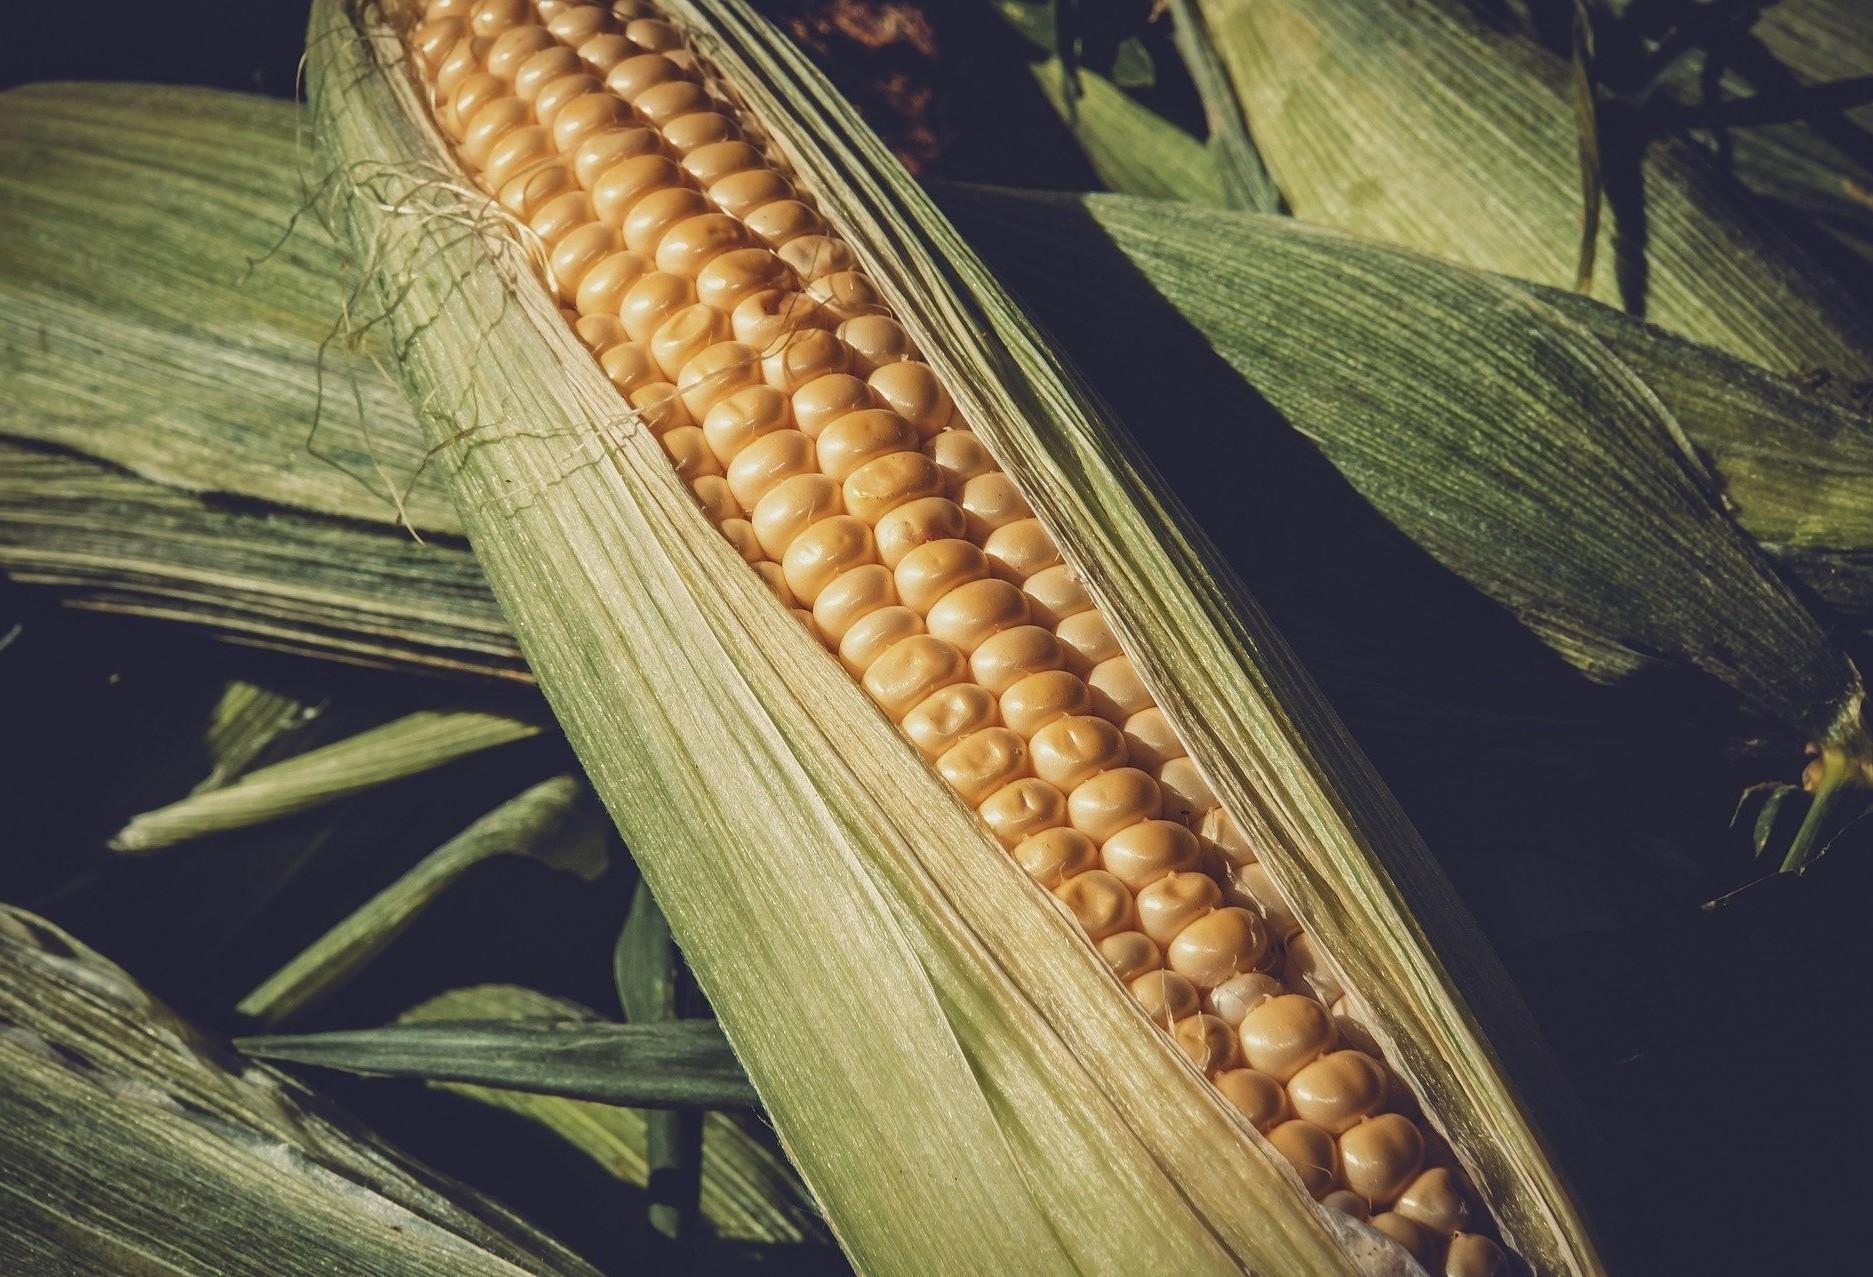 Chuva deve abandonar o milho segunda safra em fase crítica